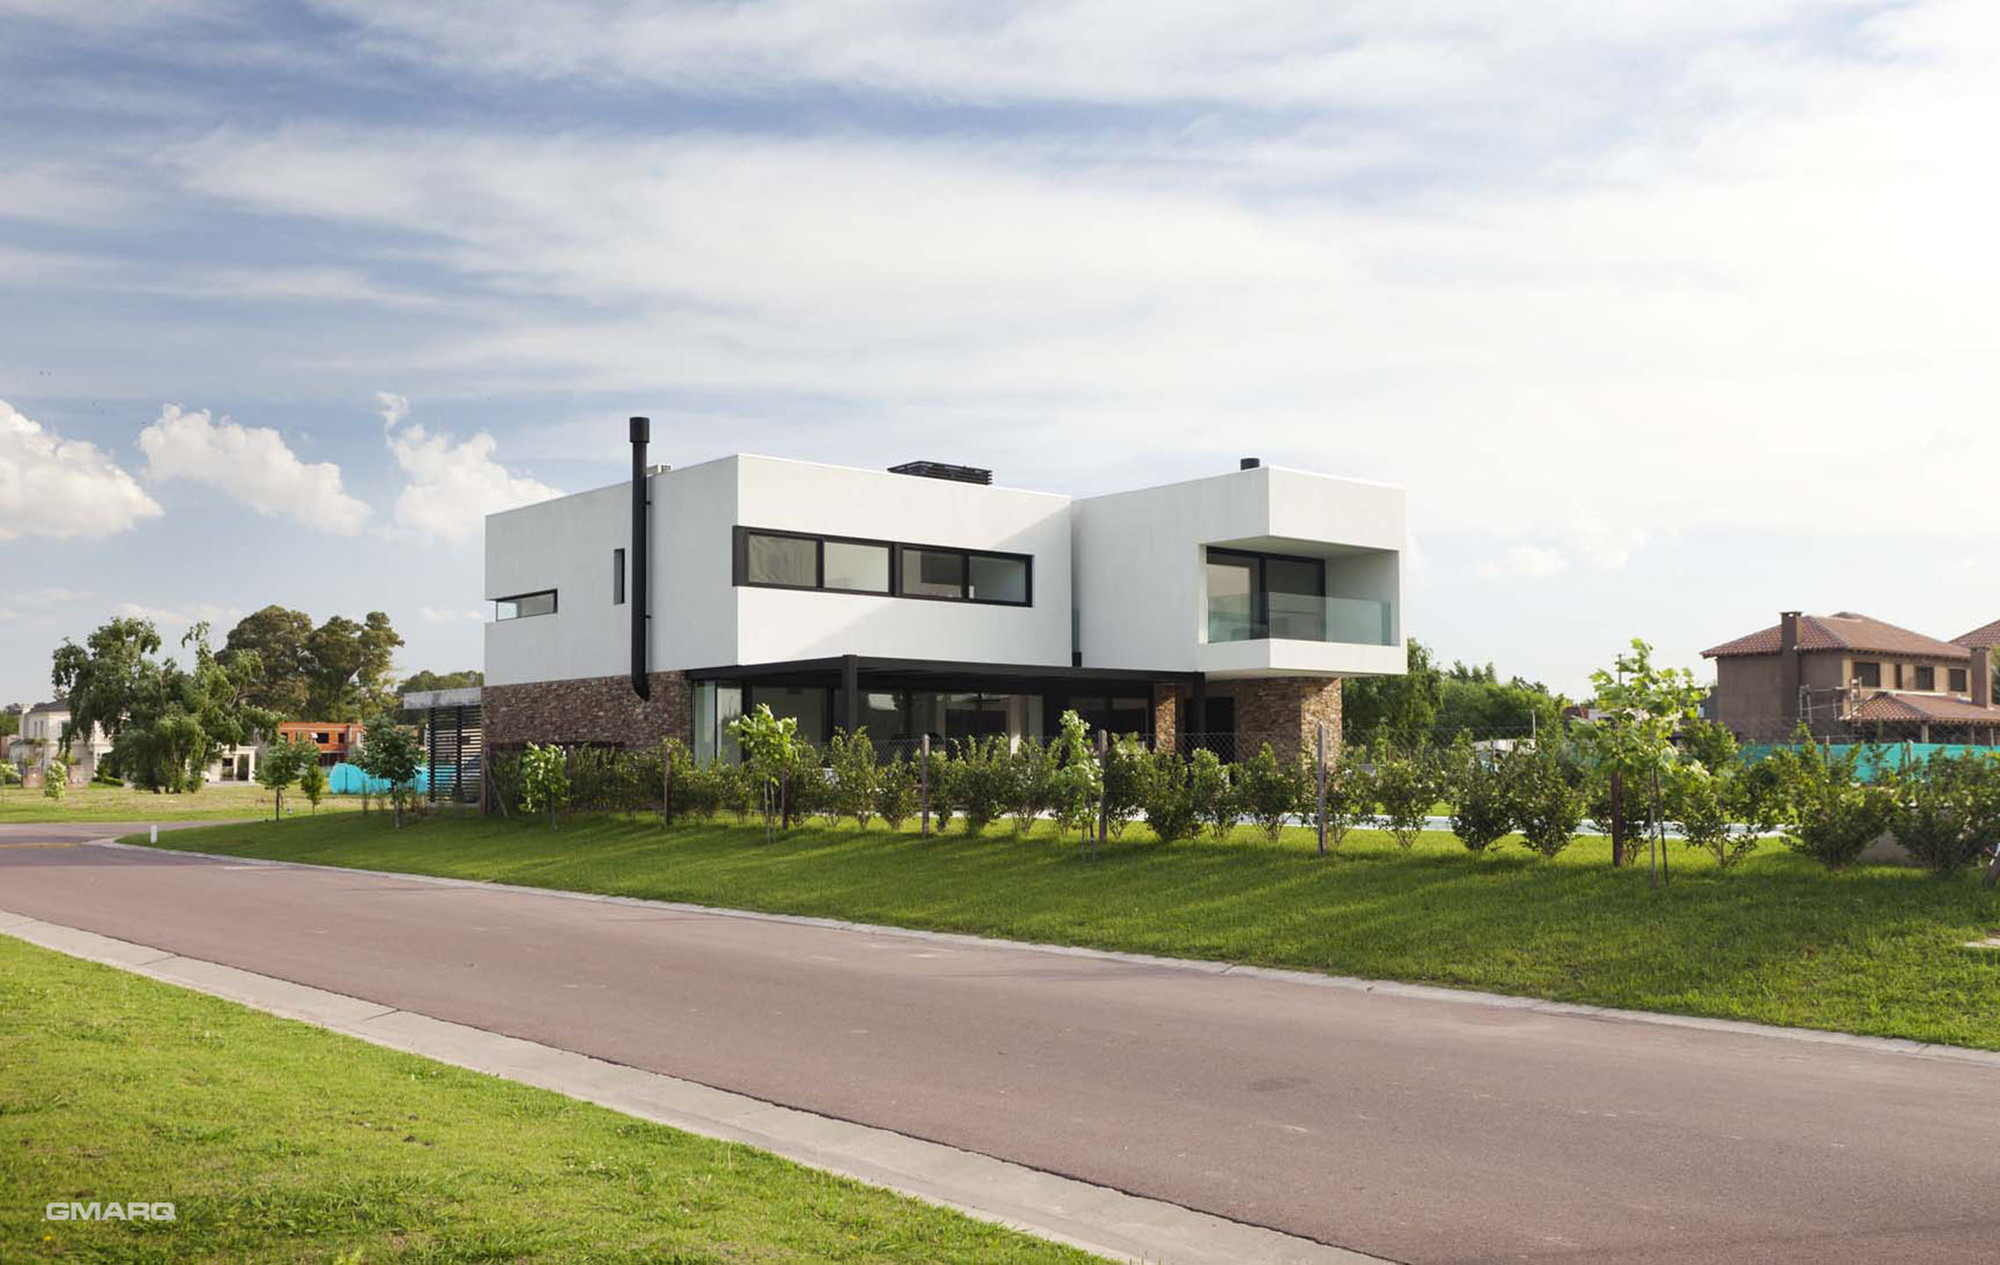 A House / Estudio GMARQ